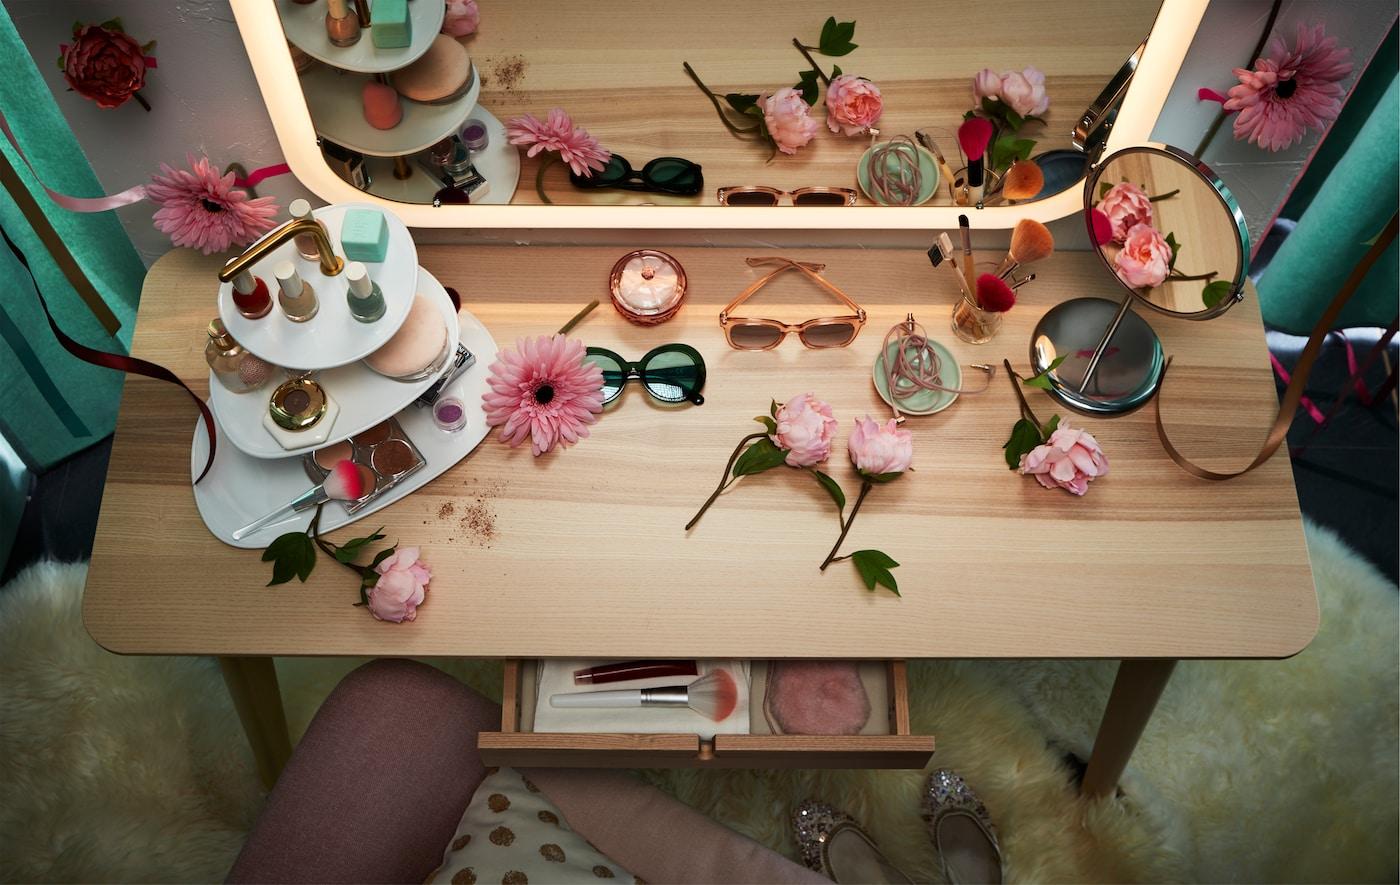 Un birou LISABO folosit drept masă de machiaj împreună cu o oglindă STORJORM cu lumini integrate.